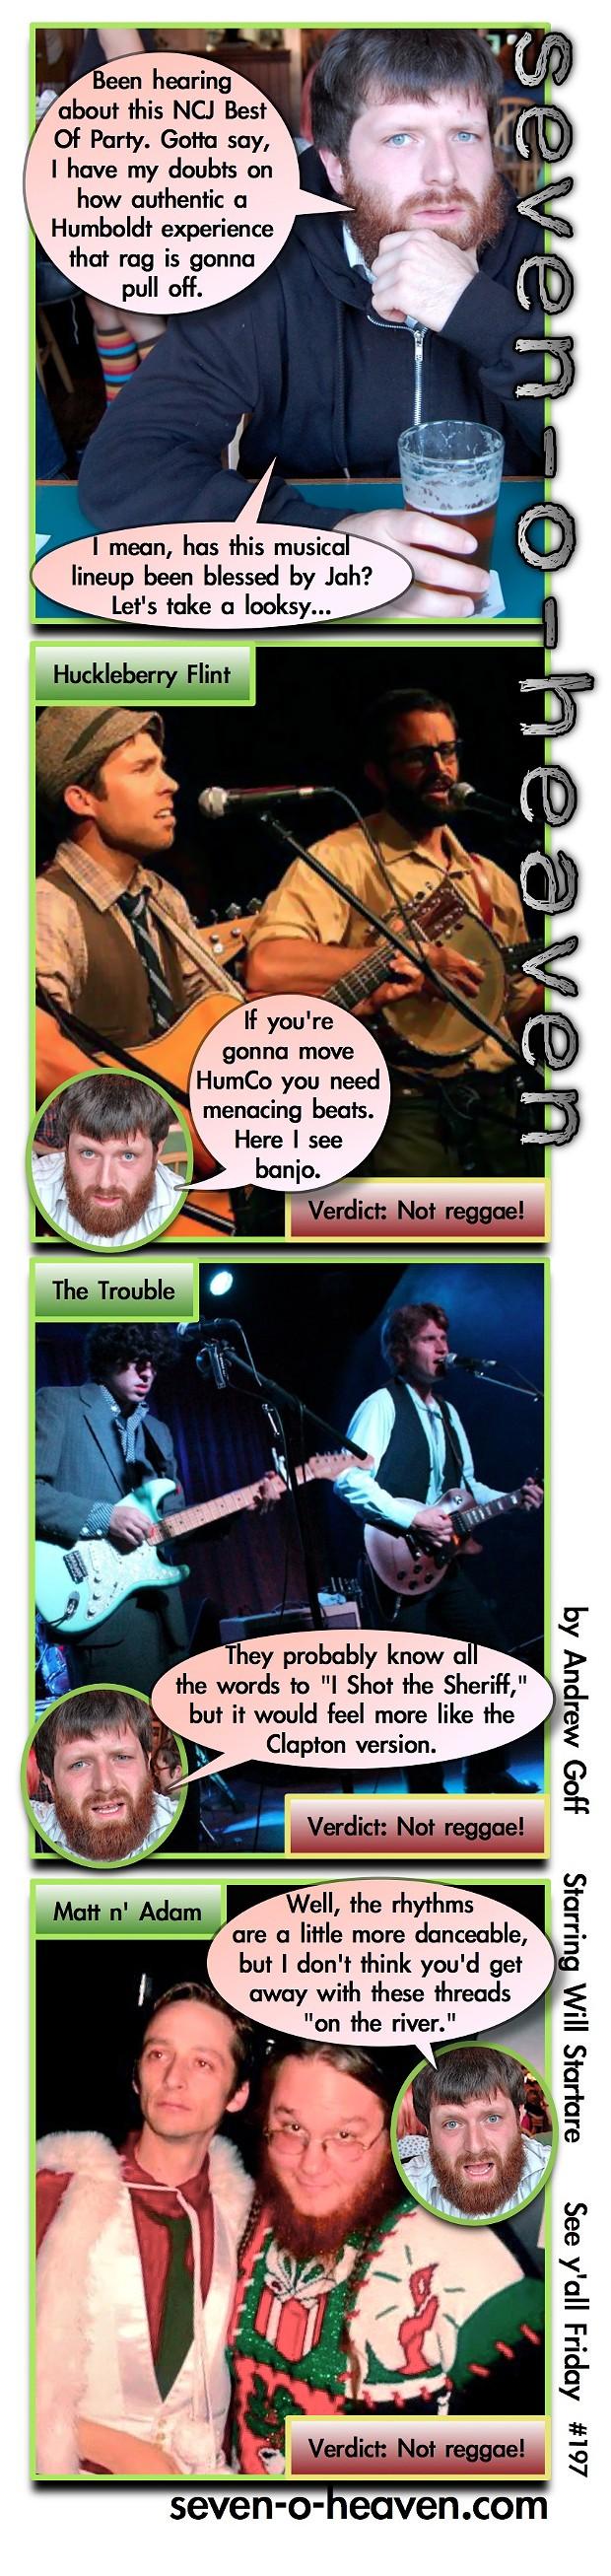 Best Not Reggae Band